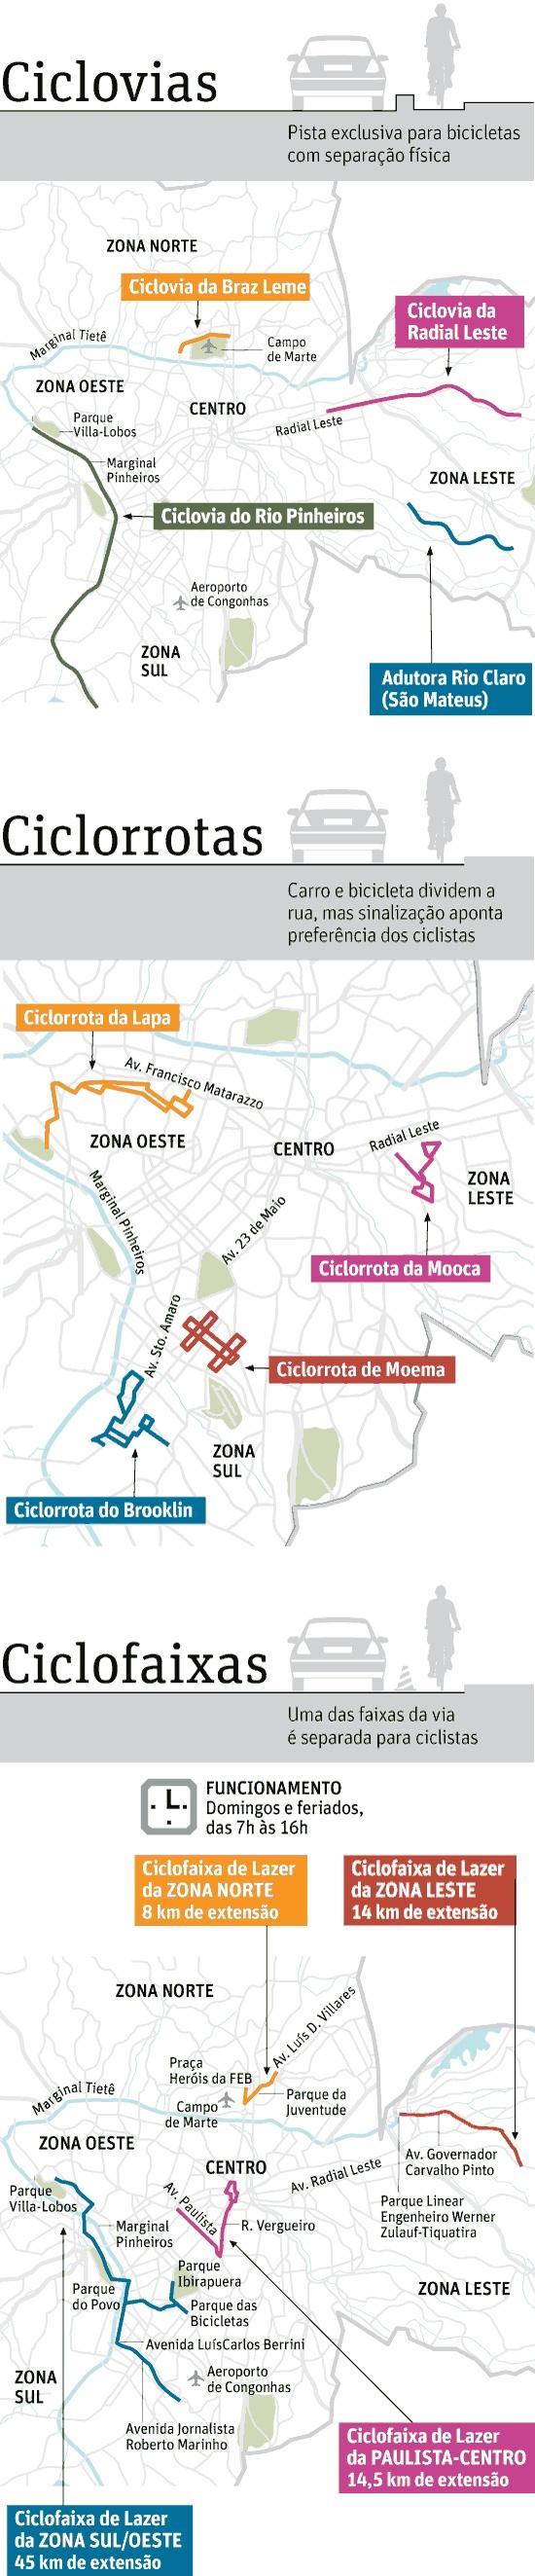 Folha de S.Paulo - Cotidiano - Conheça as ciclovias, ciclofaixas e ciclorrotas de São Paulo - 06/10/2012